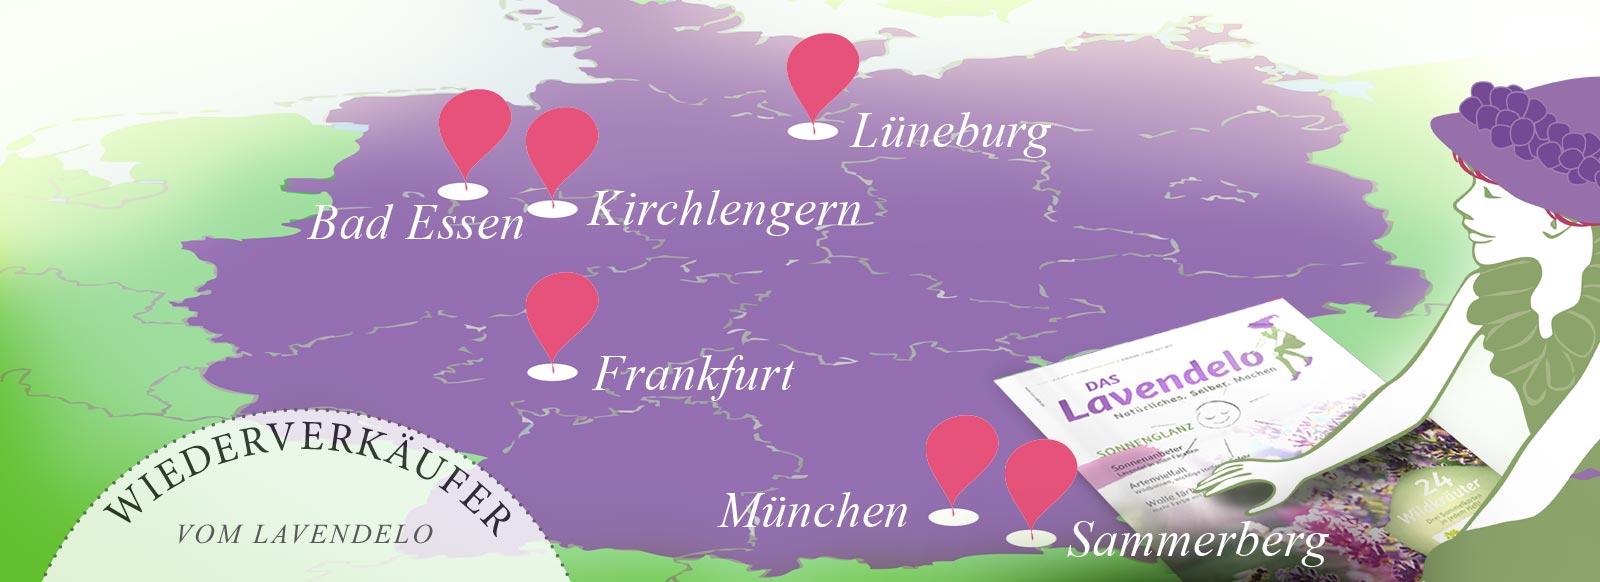 Wiederverkäufer deutschlandsweit